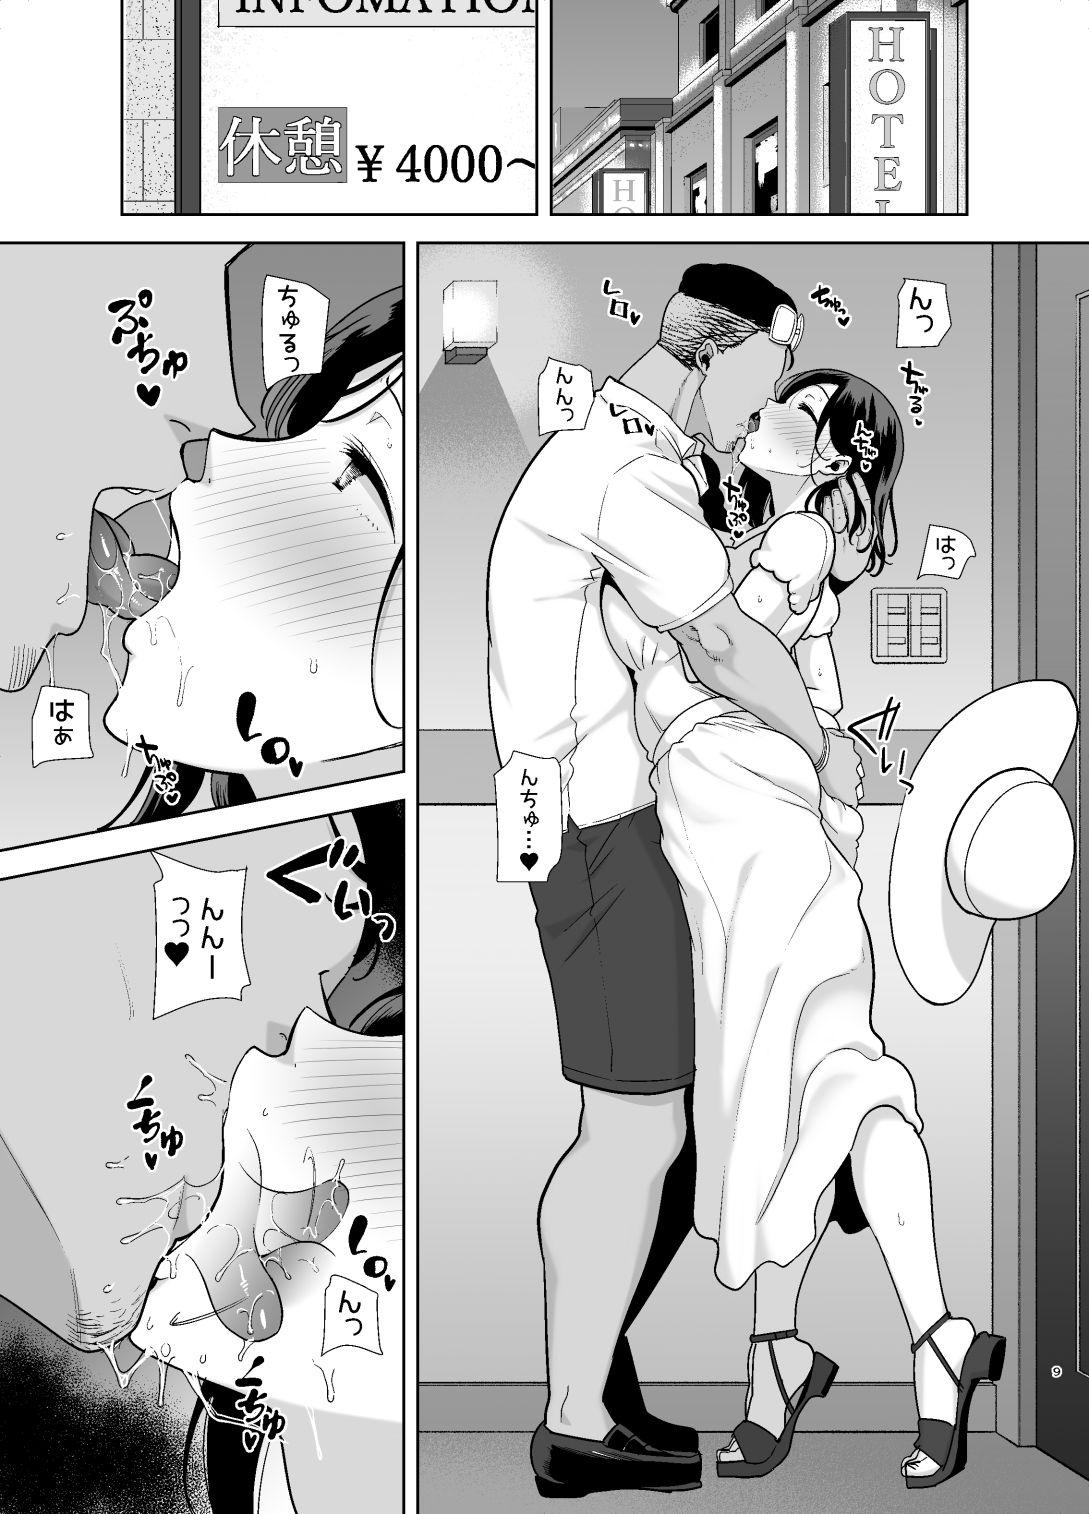 【エロ漫画無料大全集】これ以上家族を裏切りたくなにのに、浮気セックスに夢中になってしまう人妻さん